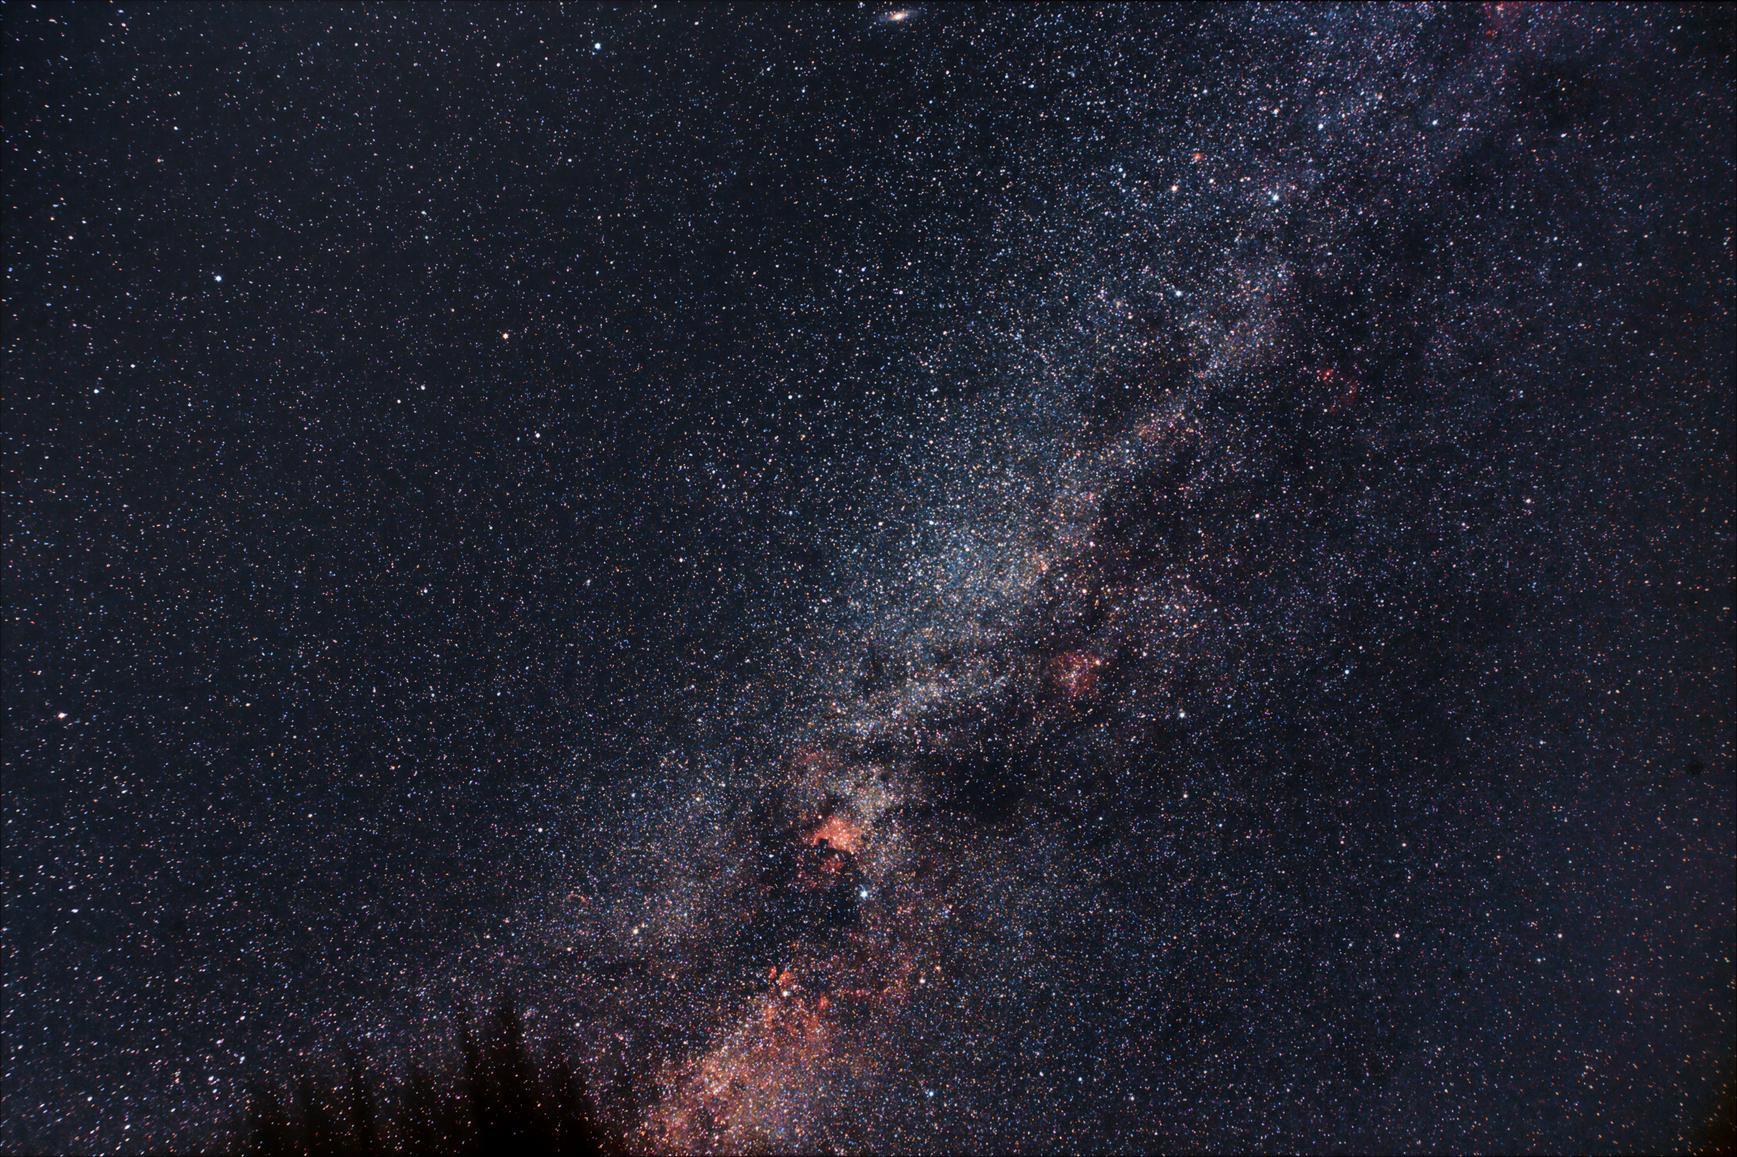 Naša Galaxia - Mliečna cesta, a hore M31 najbližšia veľká galaxia, vzdialená 2,5 mil. svetelných rokov (Samyang 2,8/14)